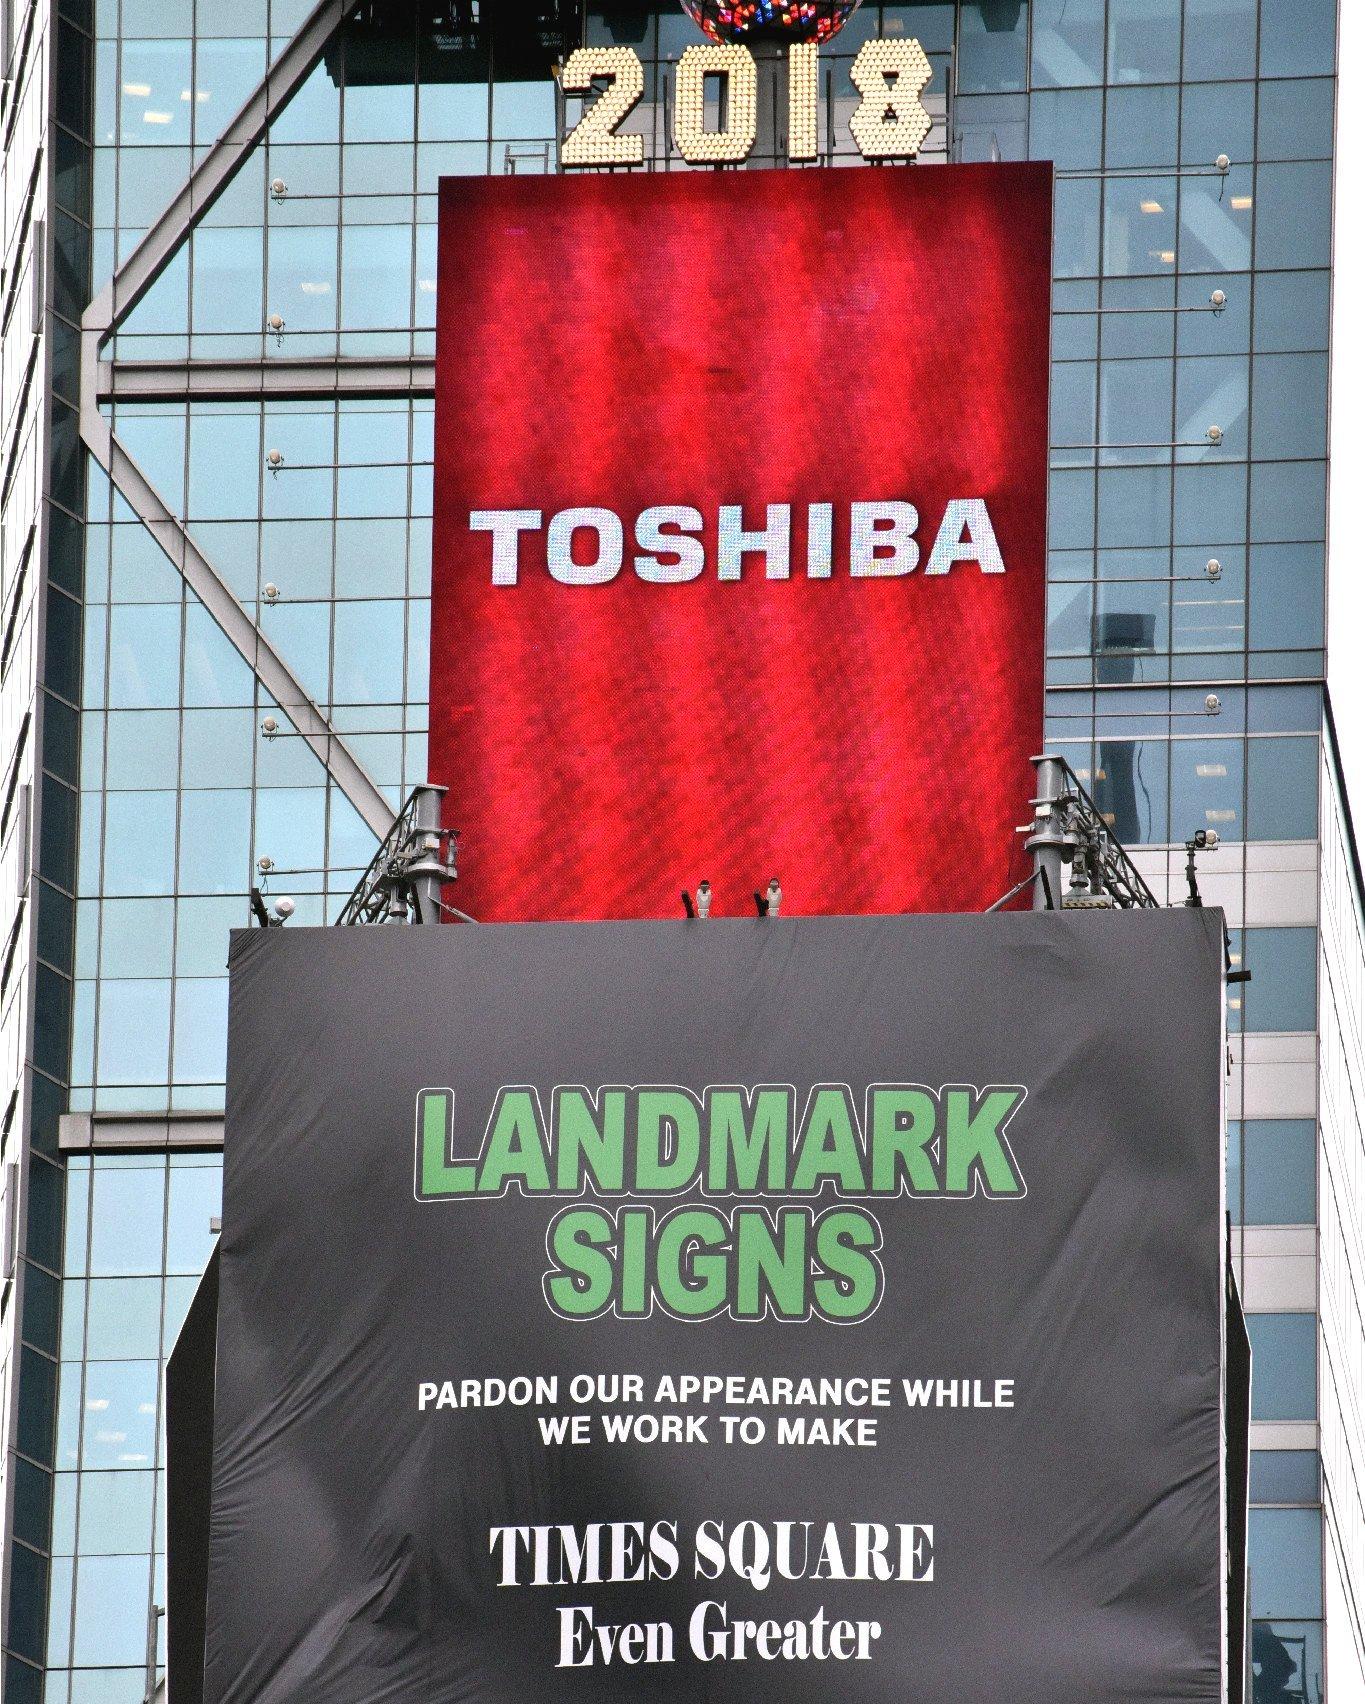 【悲報】NYタイムズスクエア「東芝」看板の撤去へ・・・のサムネイル画像